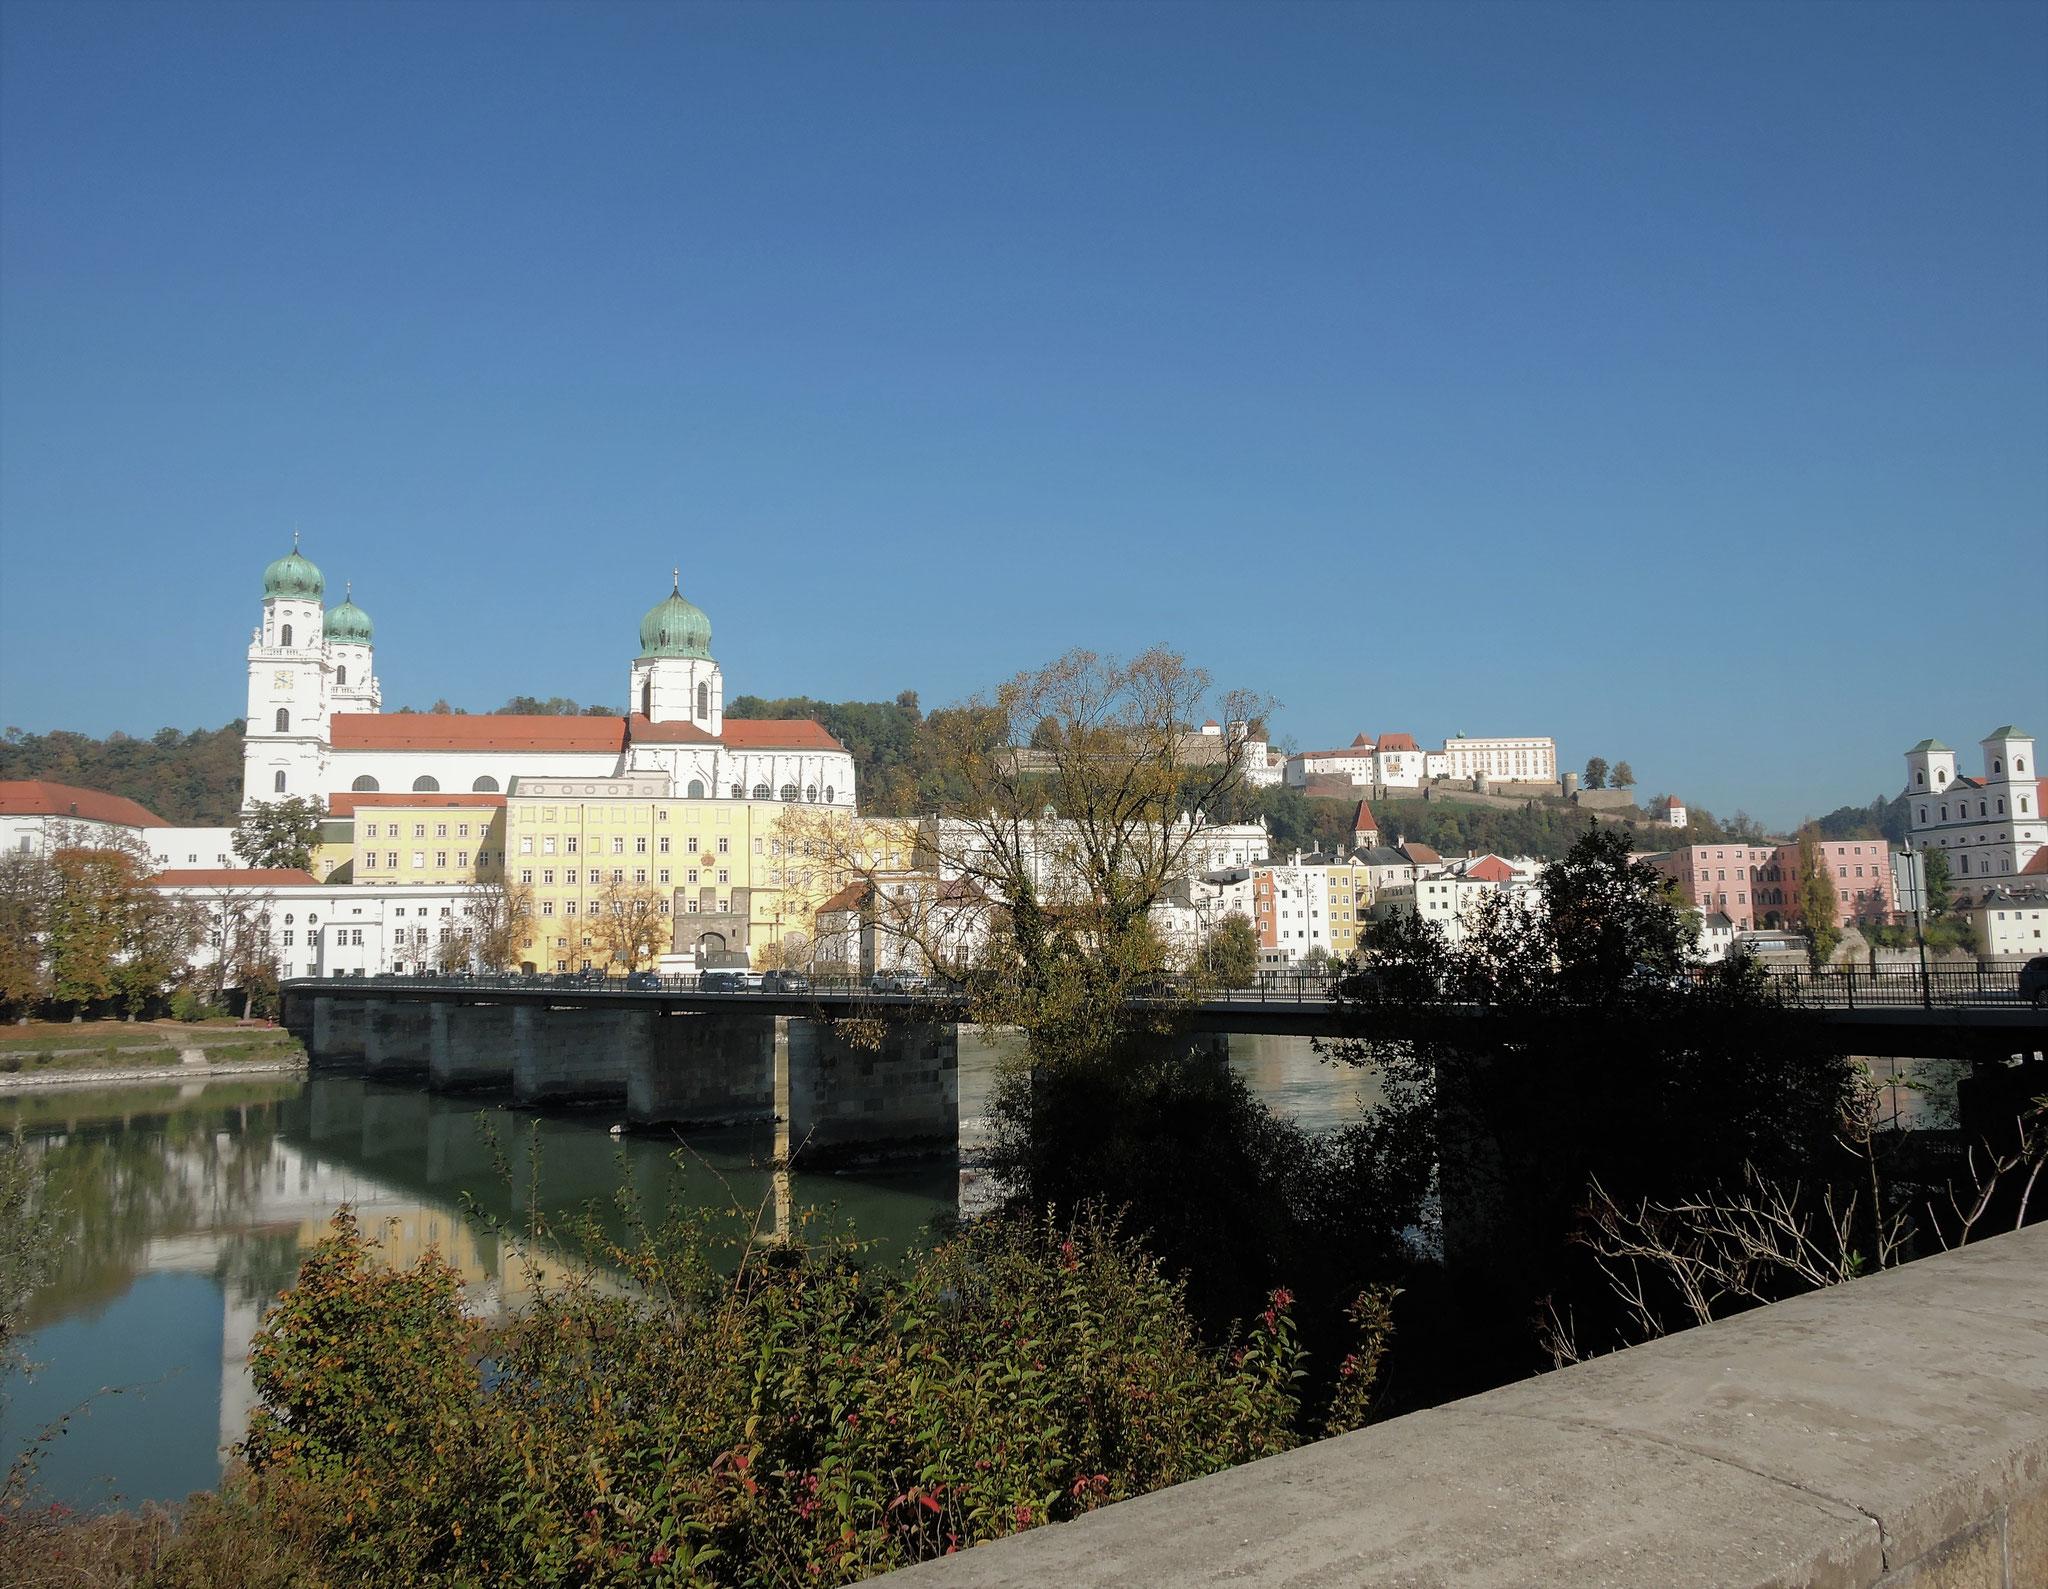 Blick auf die schöne Barockstadt Passau ©B. Bichler